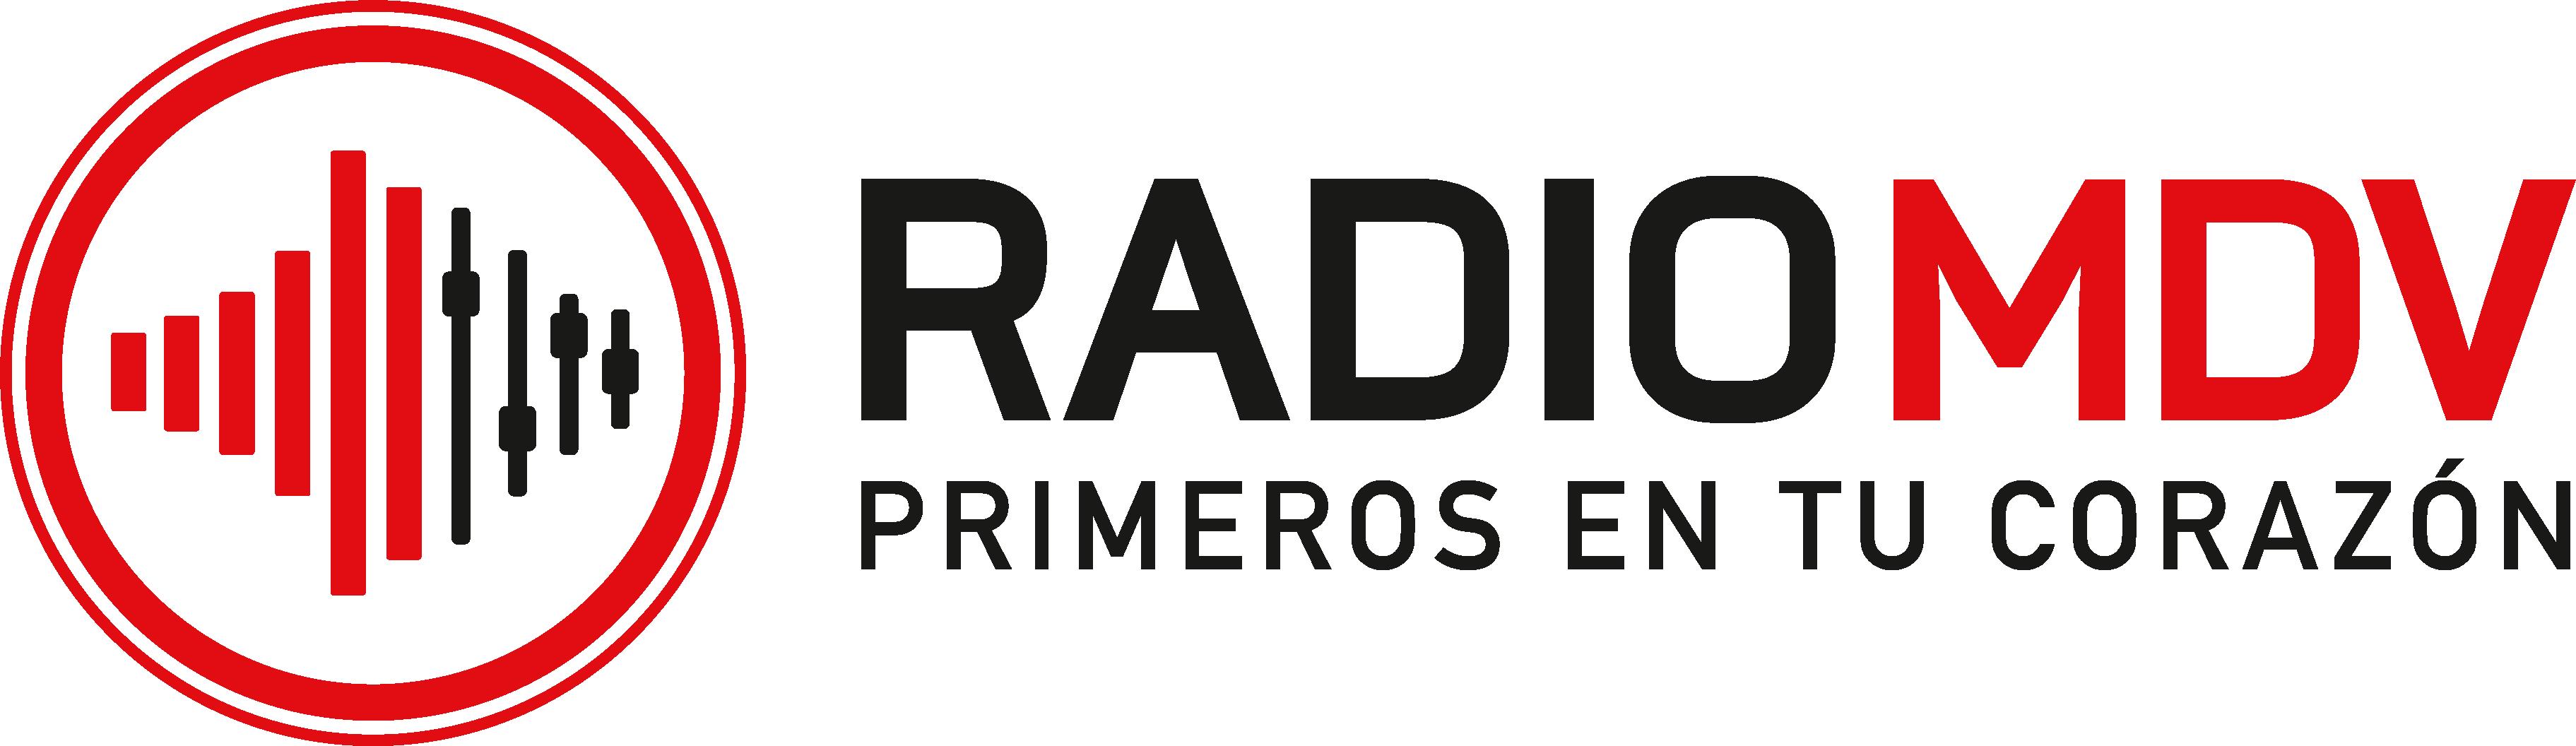 Radio Cristiana Manantial de Vida, En Coronel y Lota 107.1 FM – San Pedro de la Paz 107.5 FM